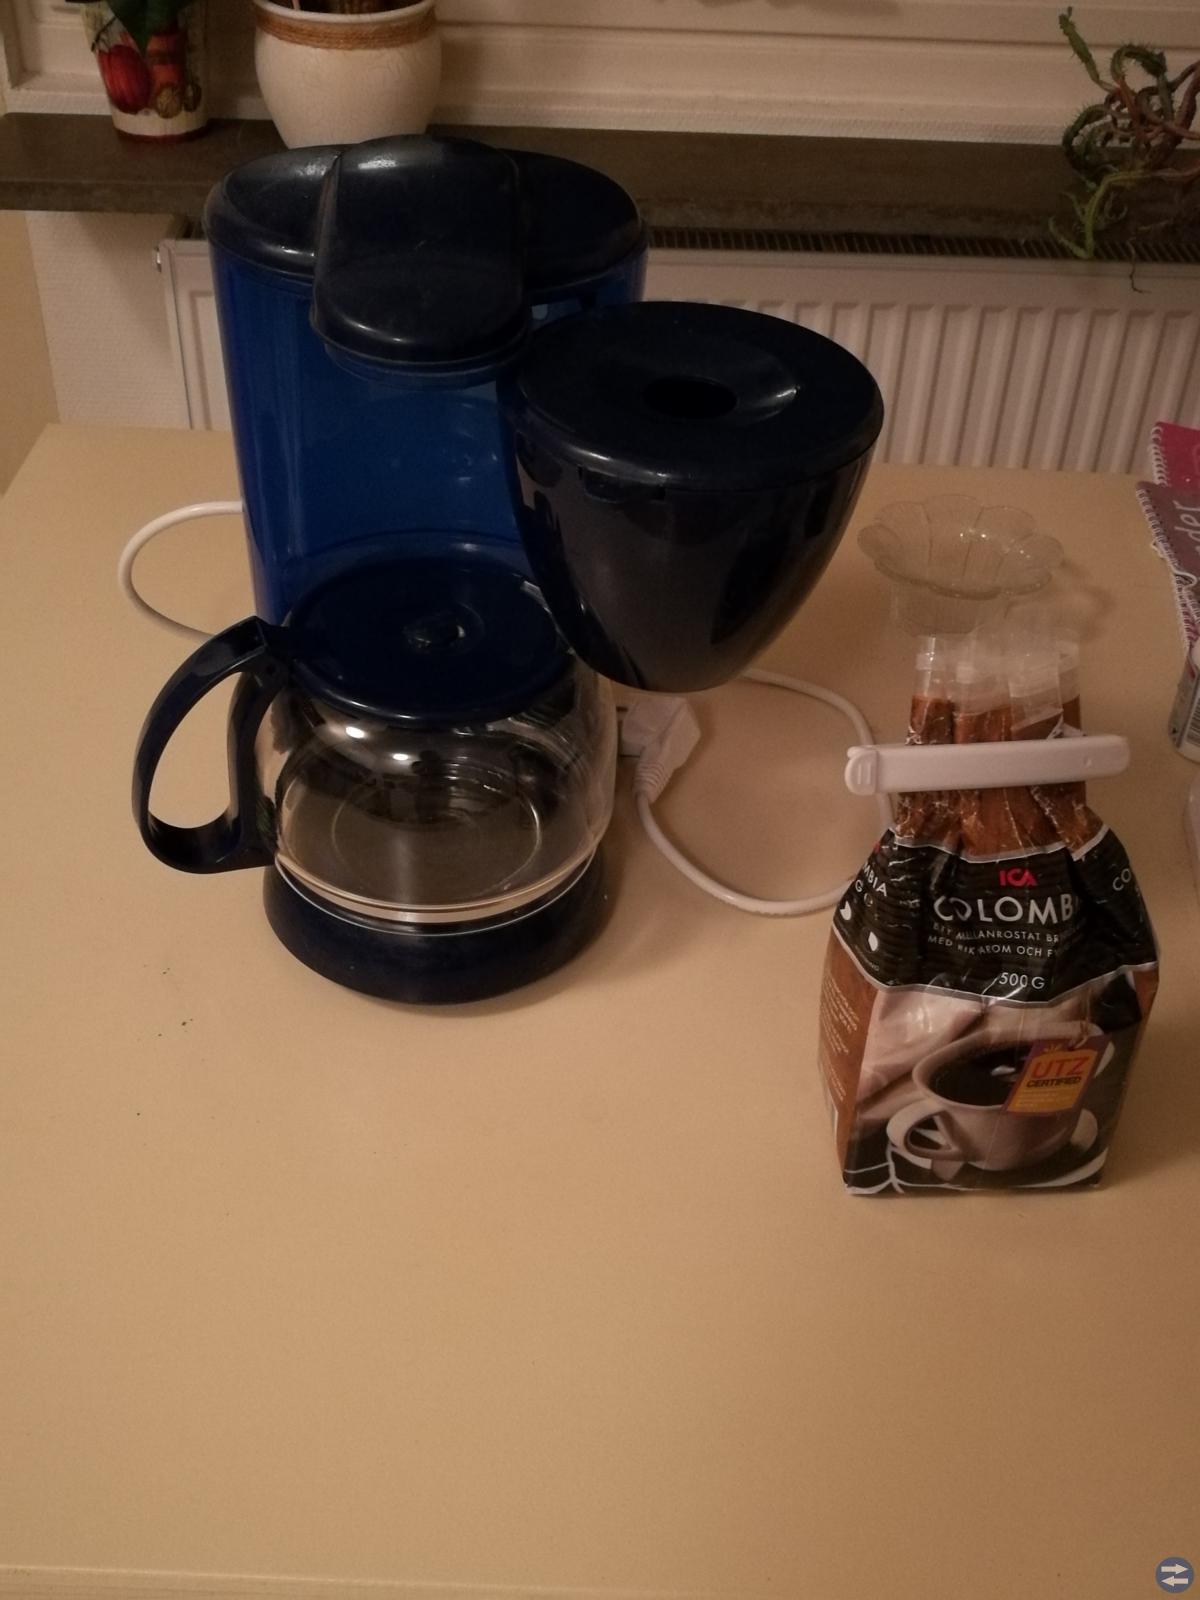 Fasett Kaffebryggare